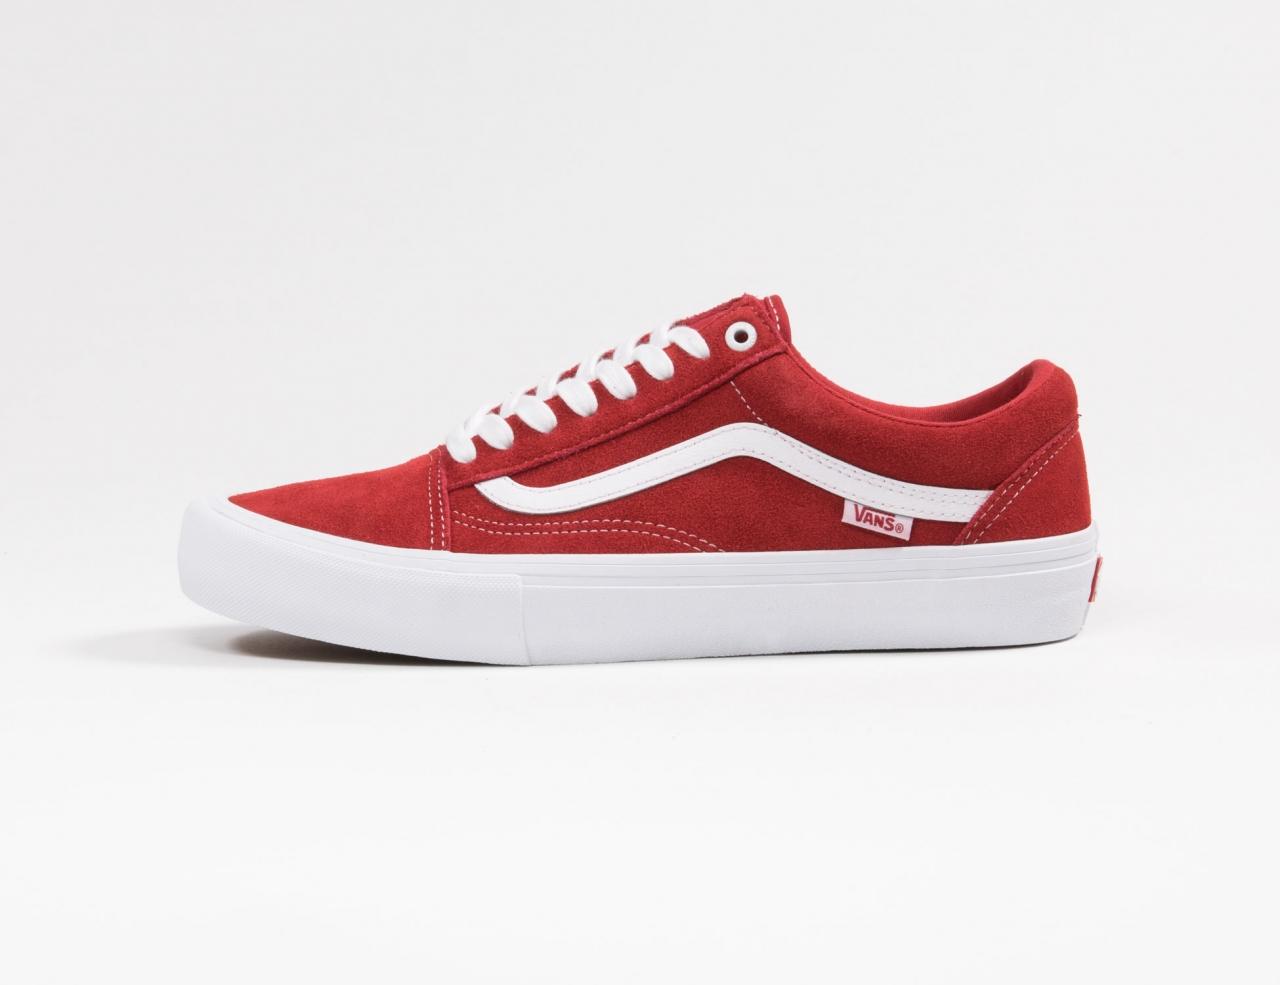 VANS Old Skool Pro (Suede) - Red/White